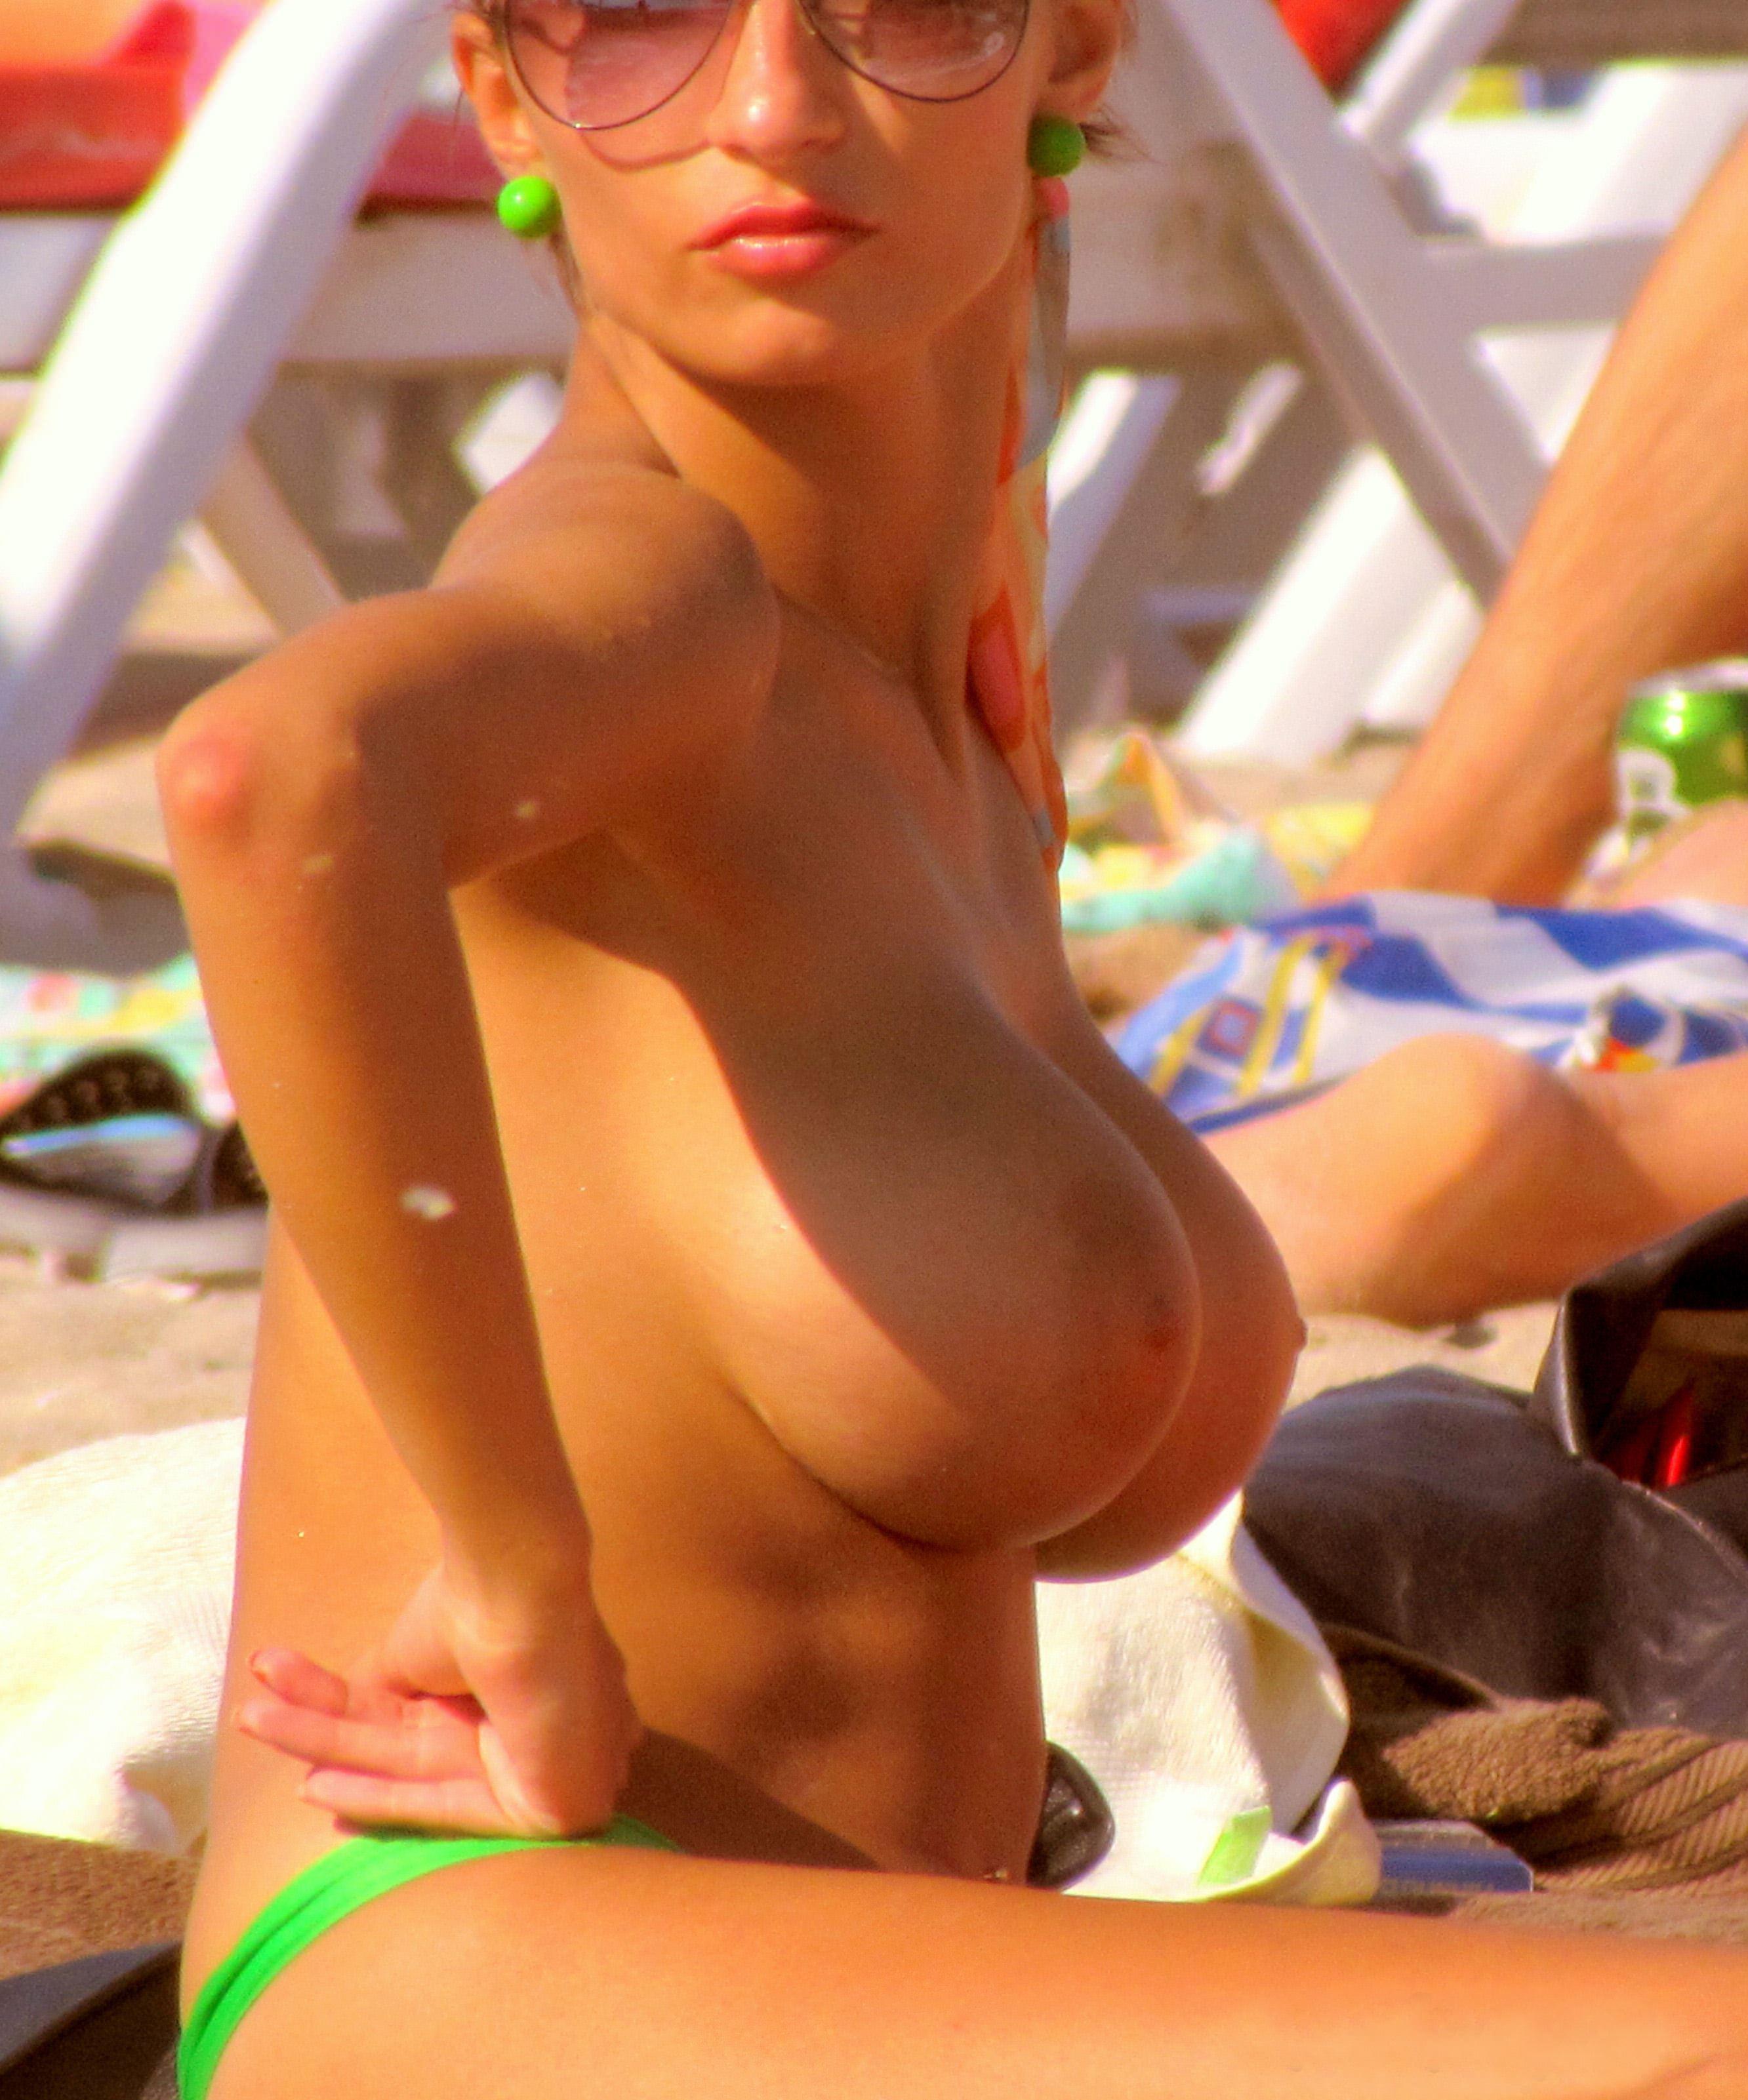 【外人】ヌーディストビーチにいたスライム系巨乳おっぱいたちの隠し撮りポルノ画像 12241